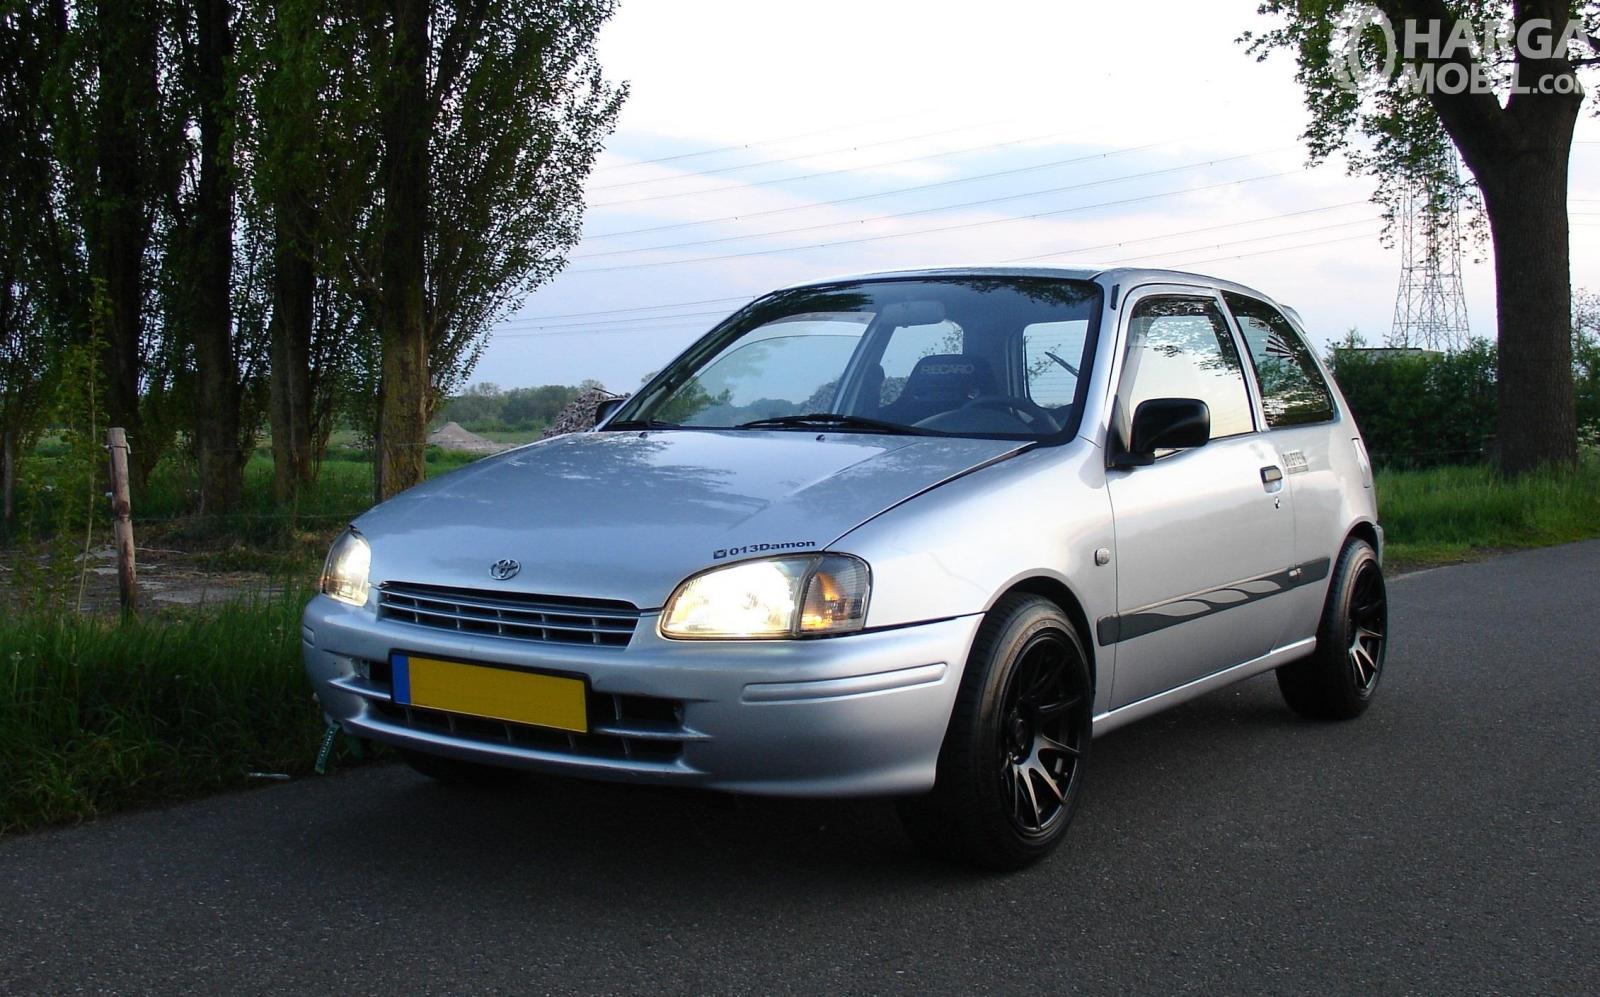 Foto menunjukkan Toyota Starlet EP91 yang telah mendapat sentuhan modifikasi